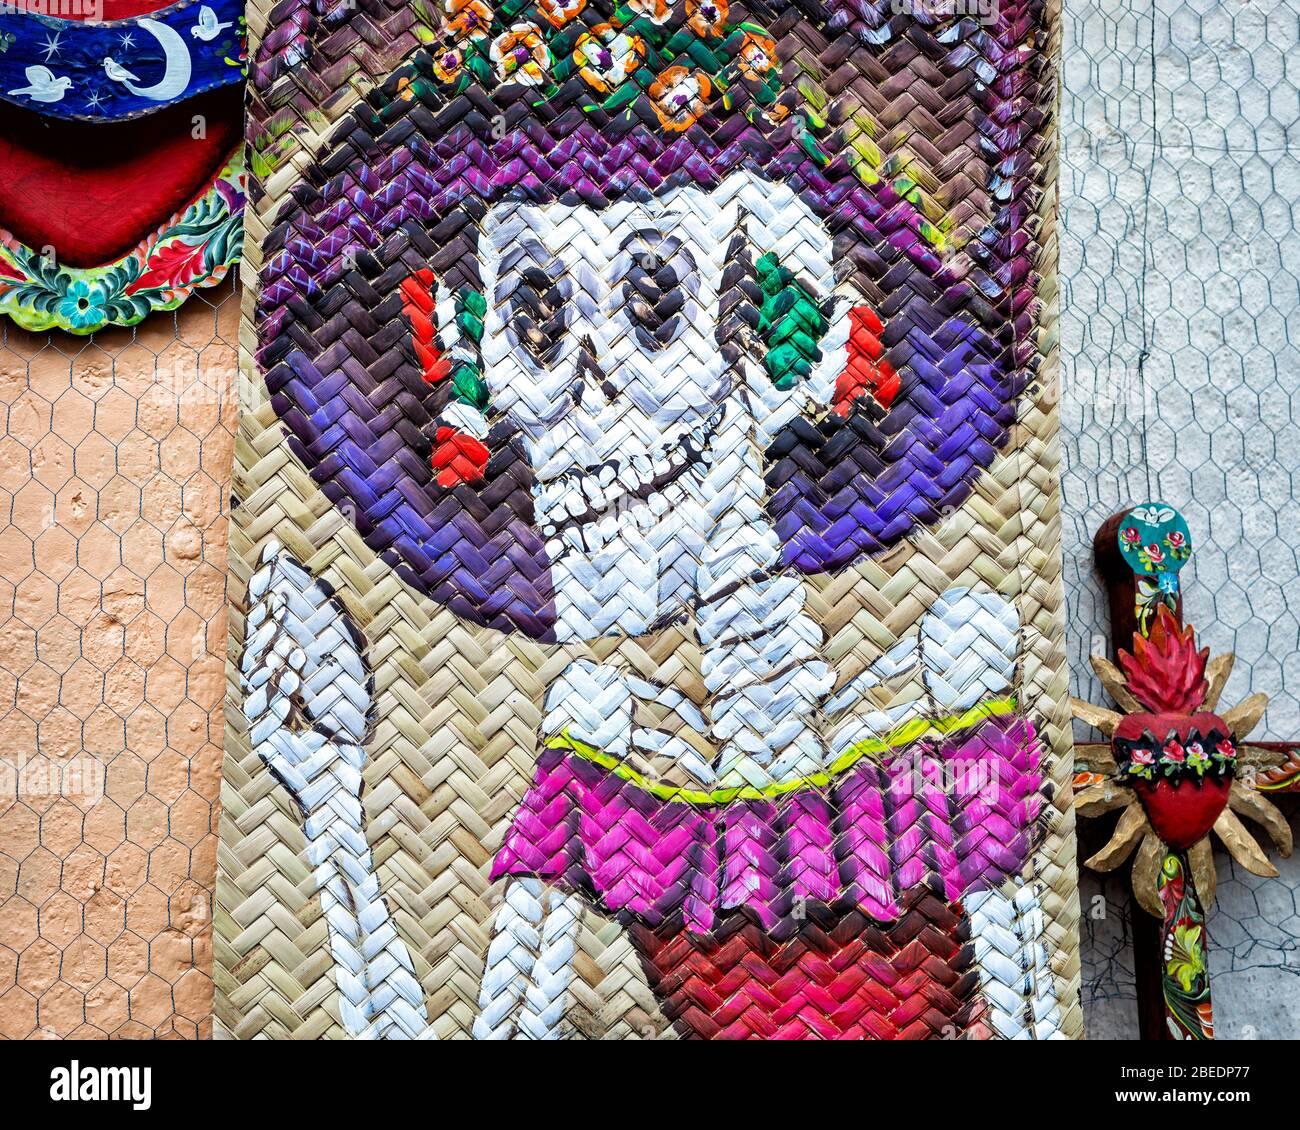 Un tappeto dipinto con un giorno tradizionale della catrina morta a San Miguel de Allende, Messico. Foto Stock